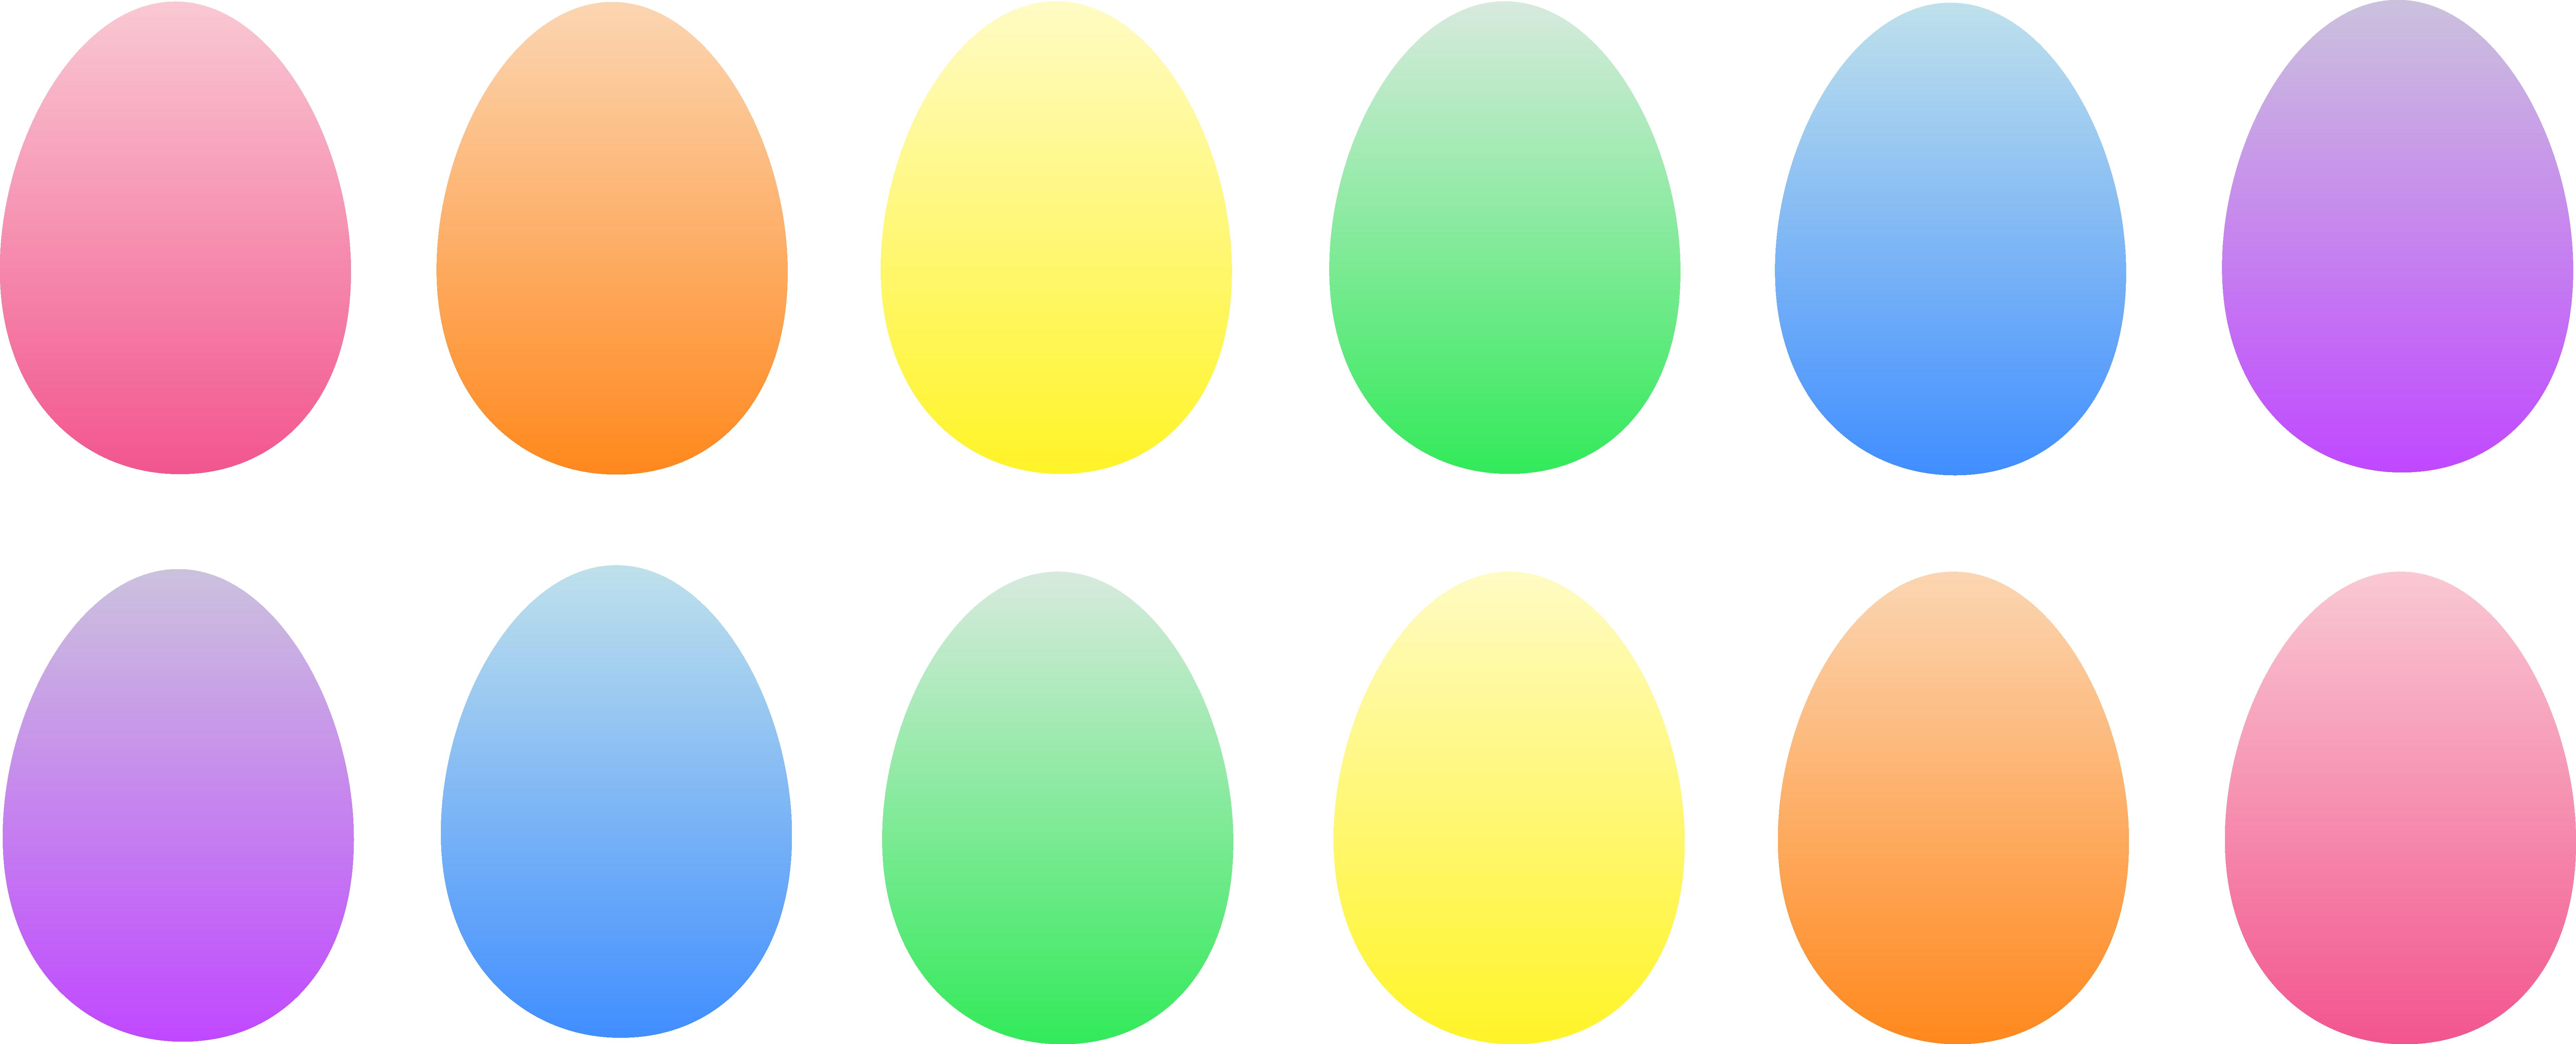 7508x3043 Egg Clipart Easter Banner